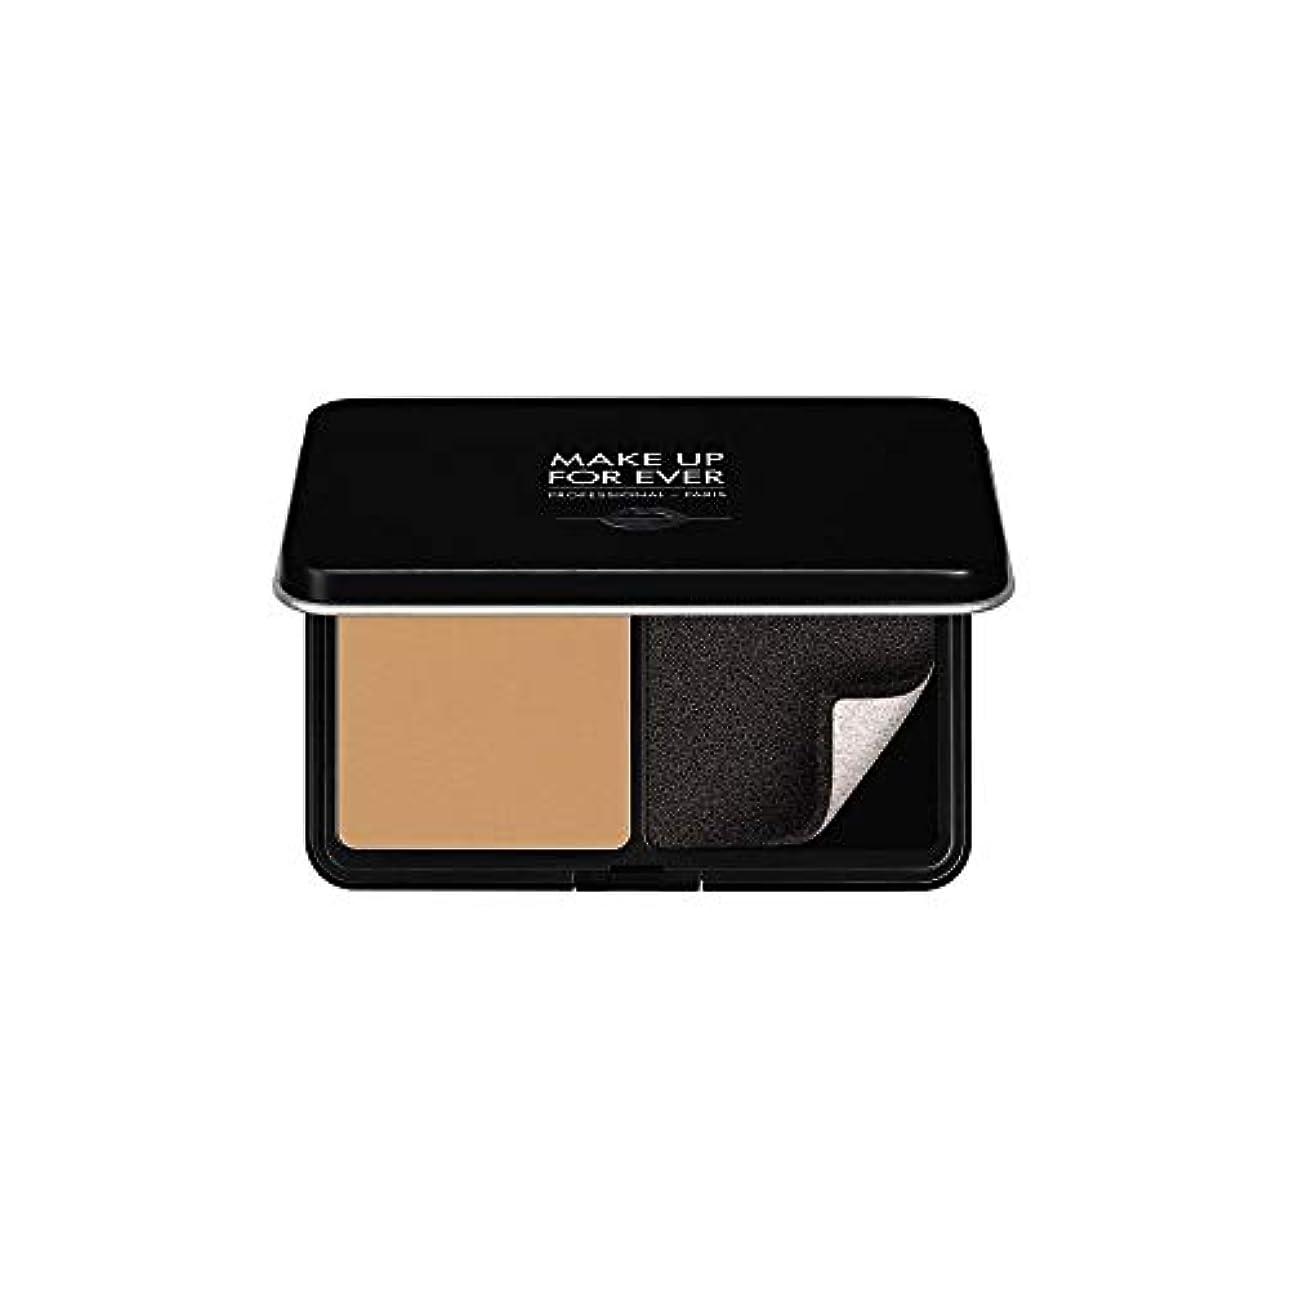 最悪不和変動するメイクアップフォーエバー Matte Velvet Skin Blurring Powder Foundation - # Y365 (Desert) 11g/0.38oz並行輸入品